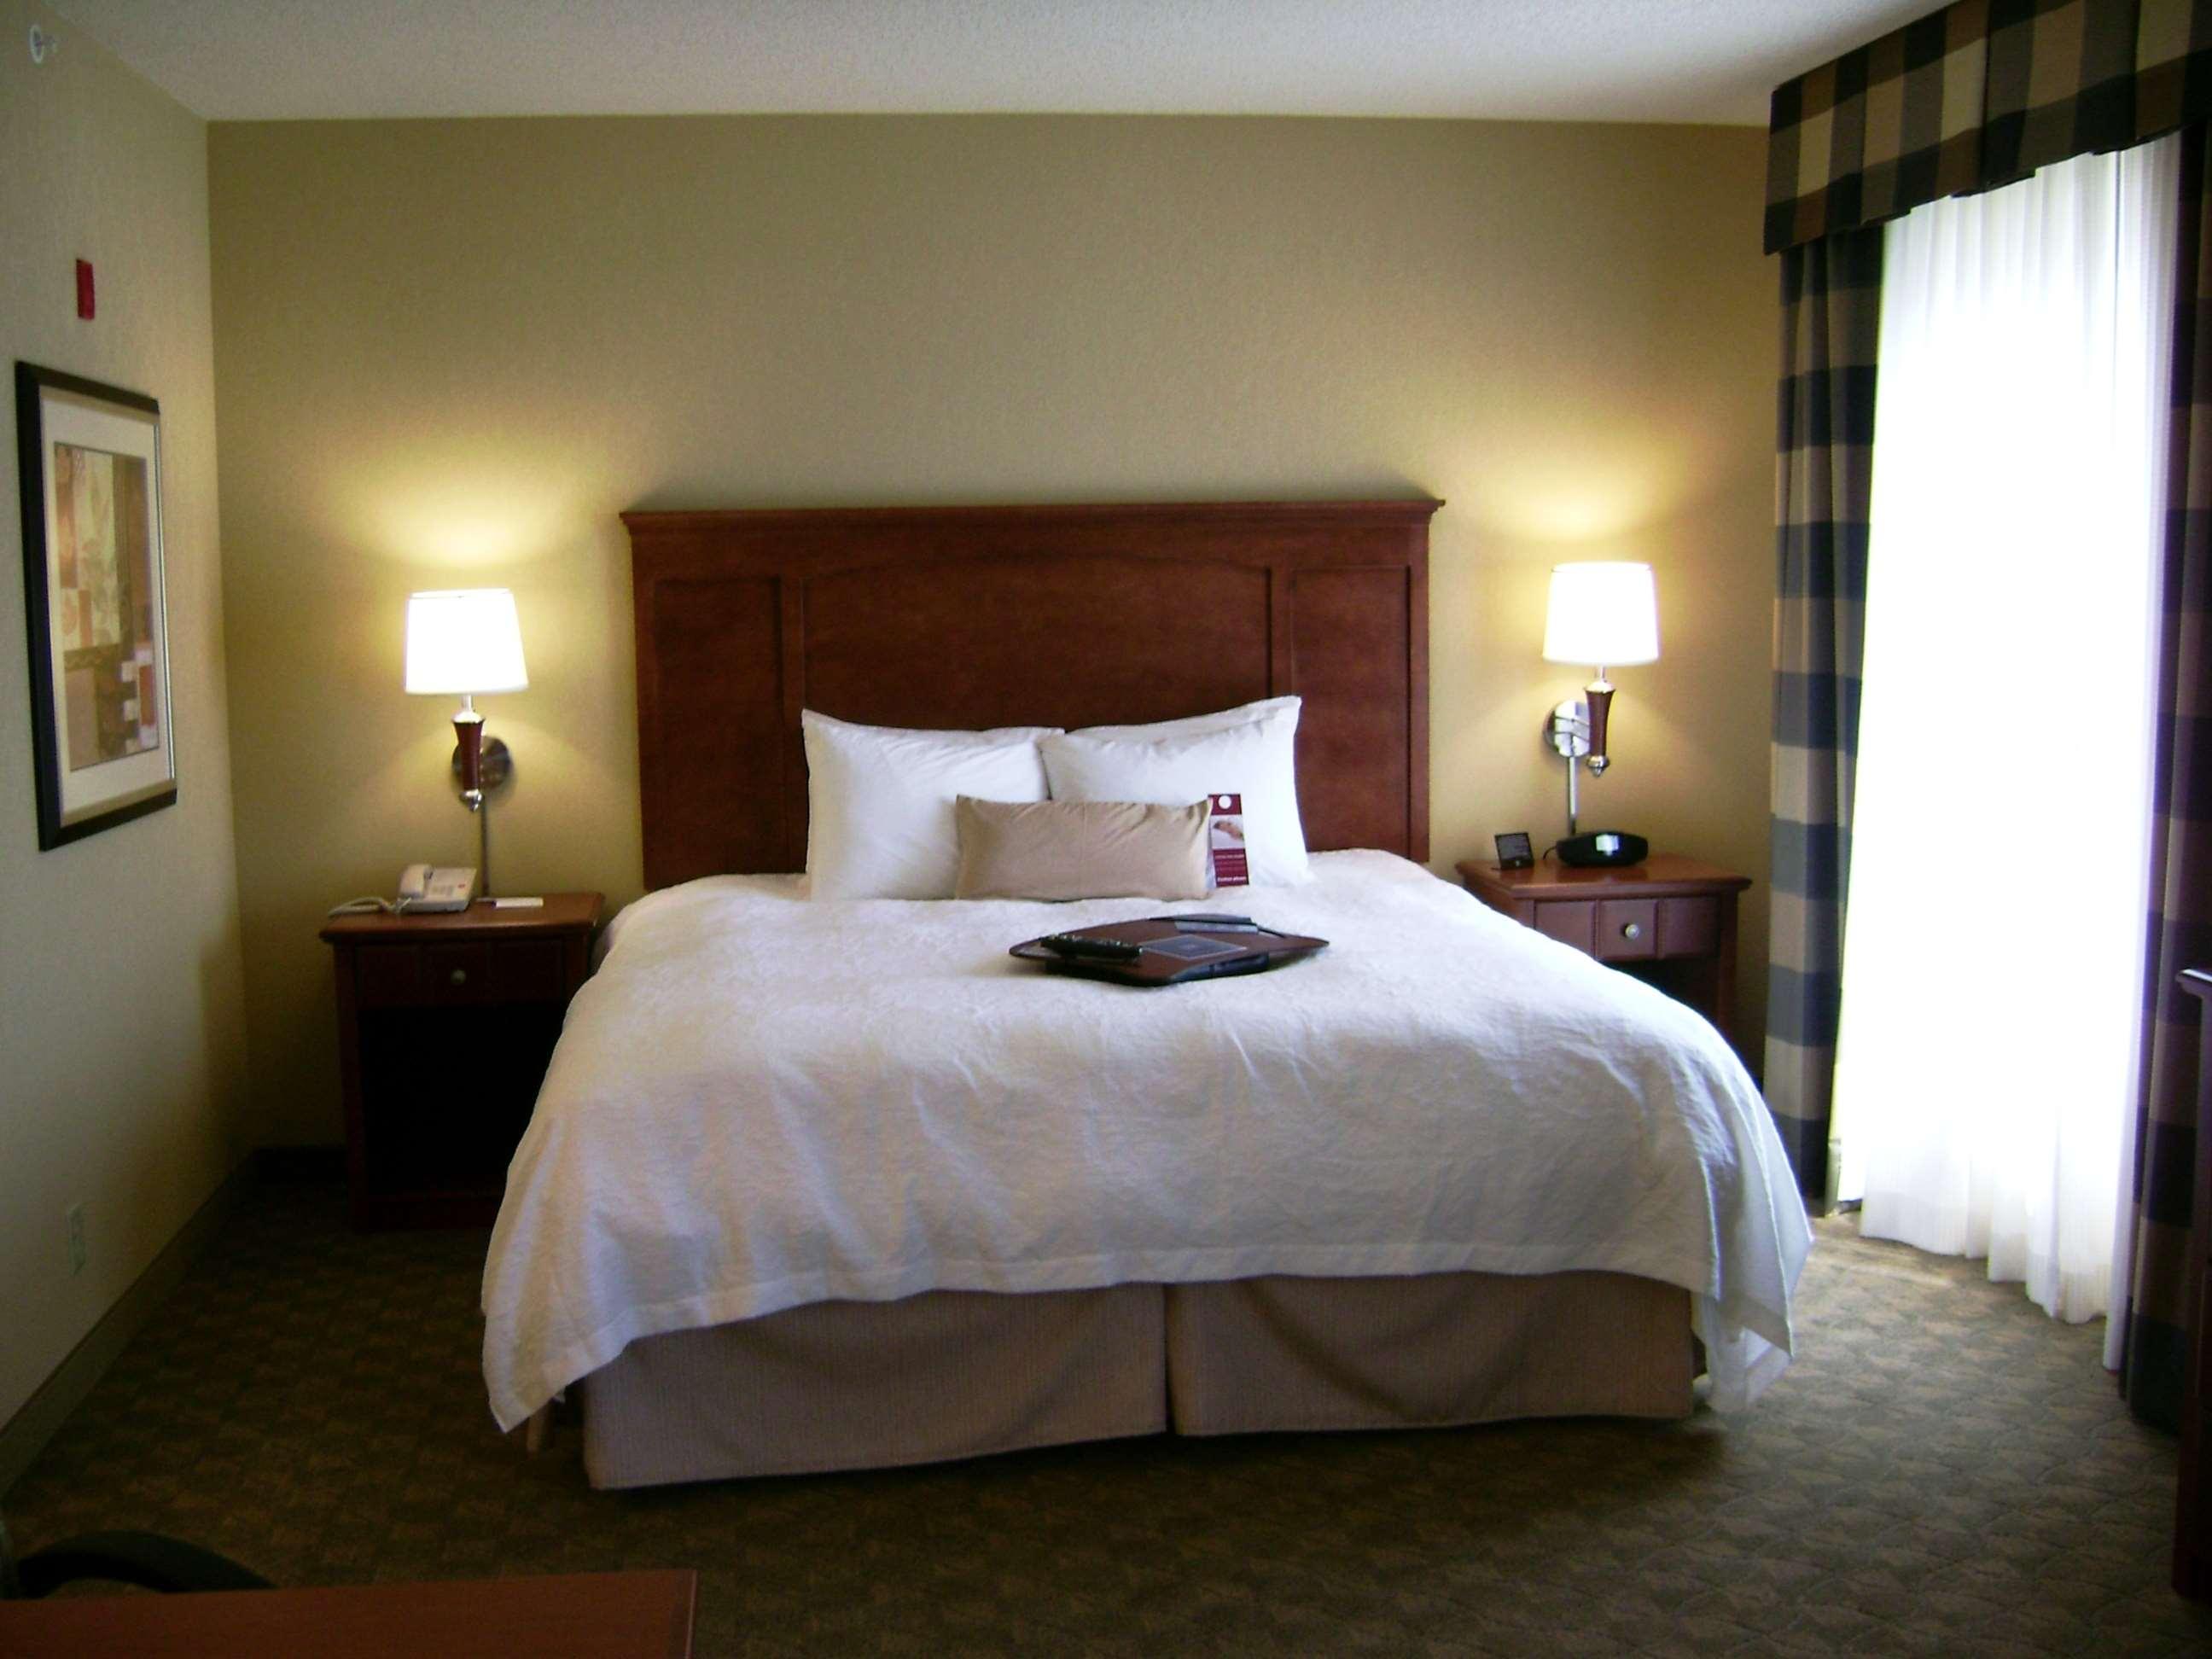 Hampton Inn & Suites Paducah image 20